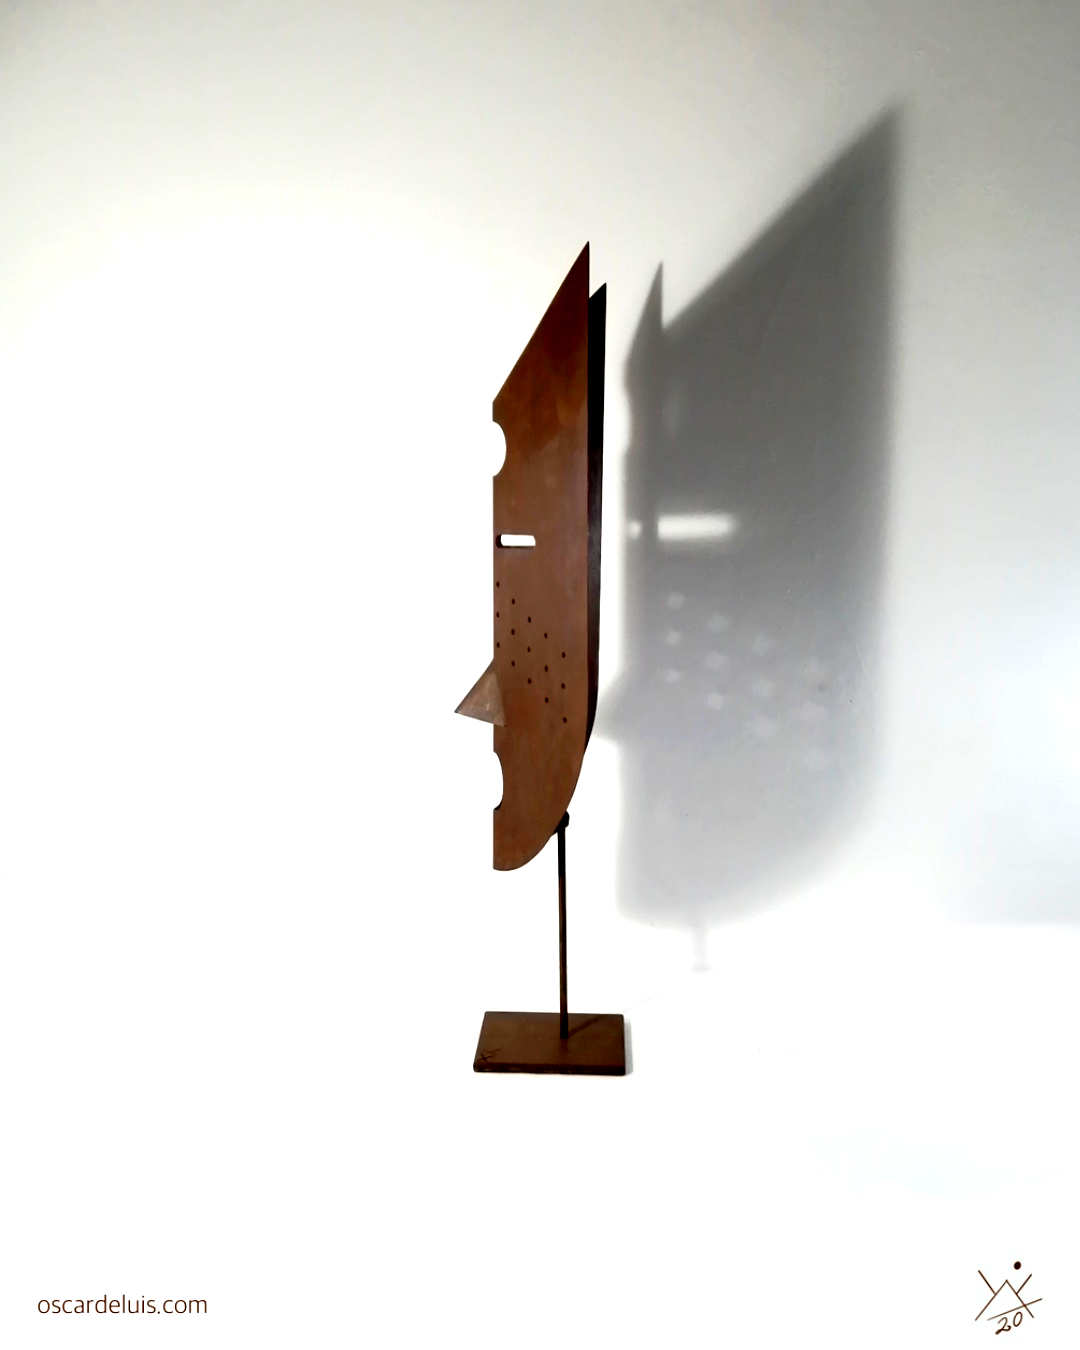 escultura abstracta geométrica acero corten